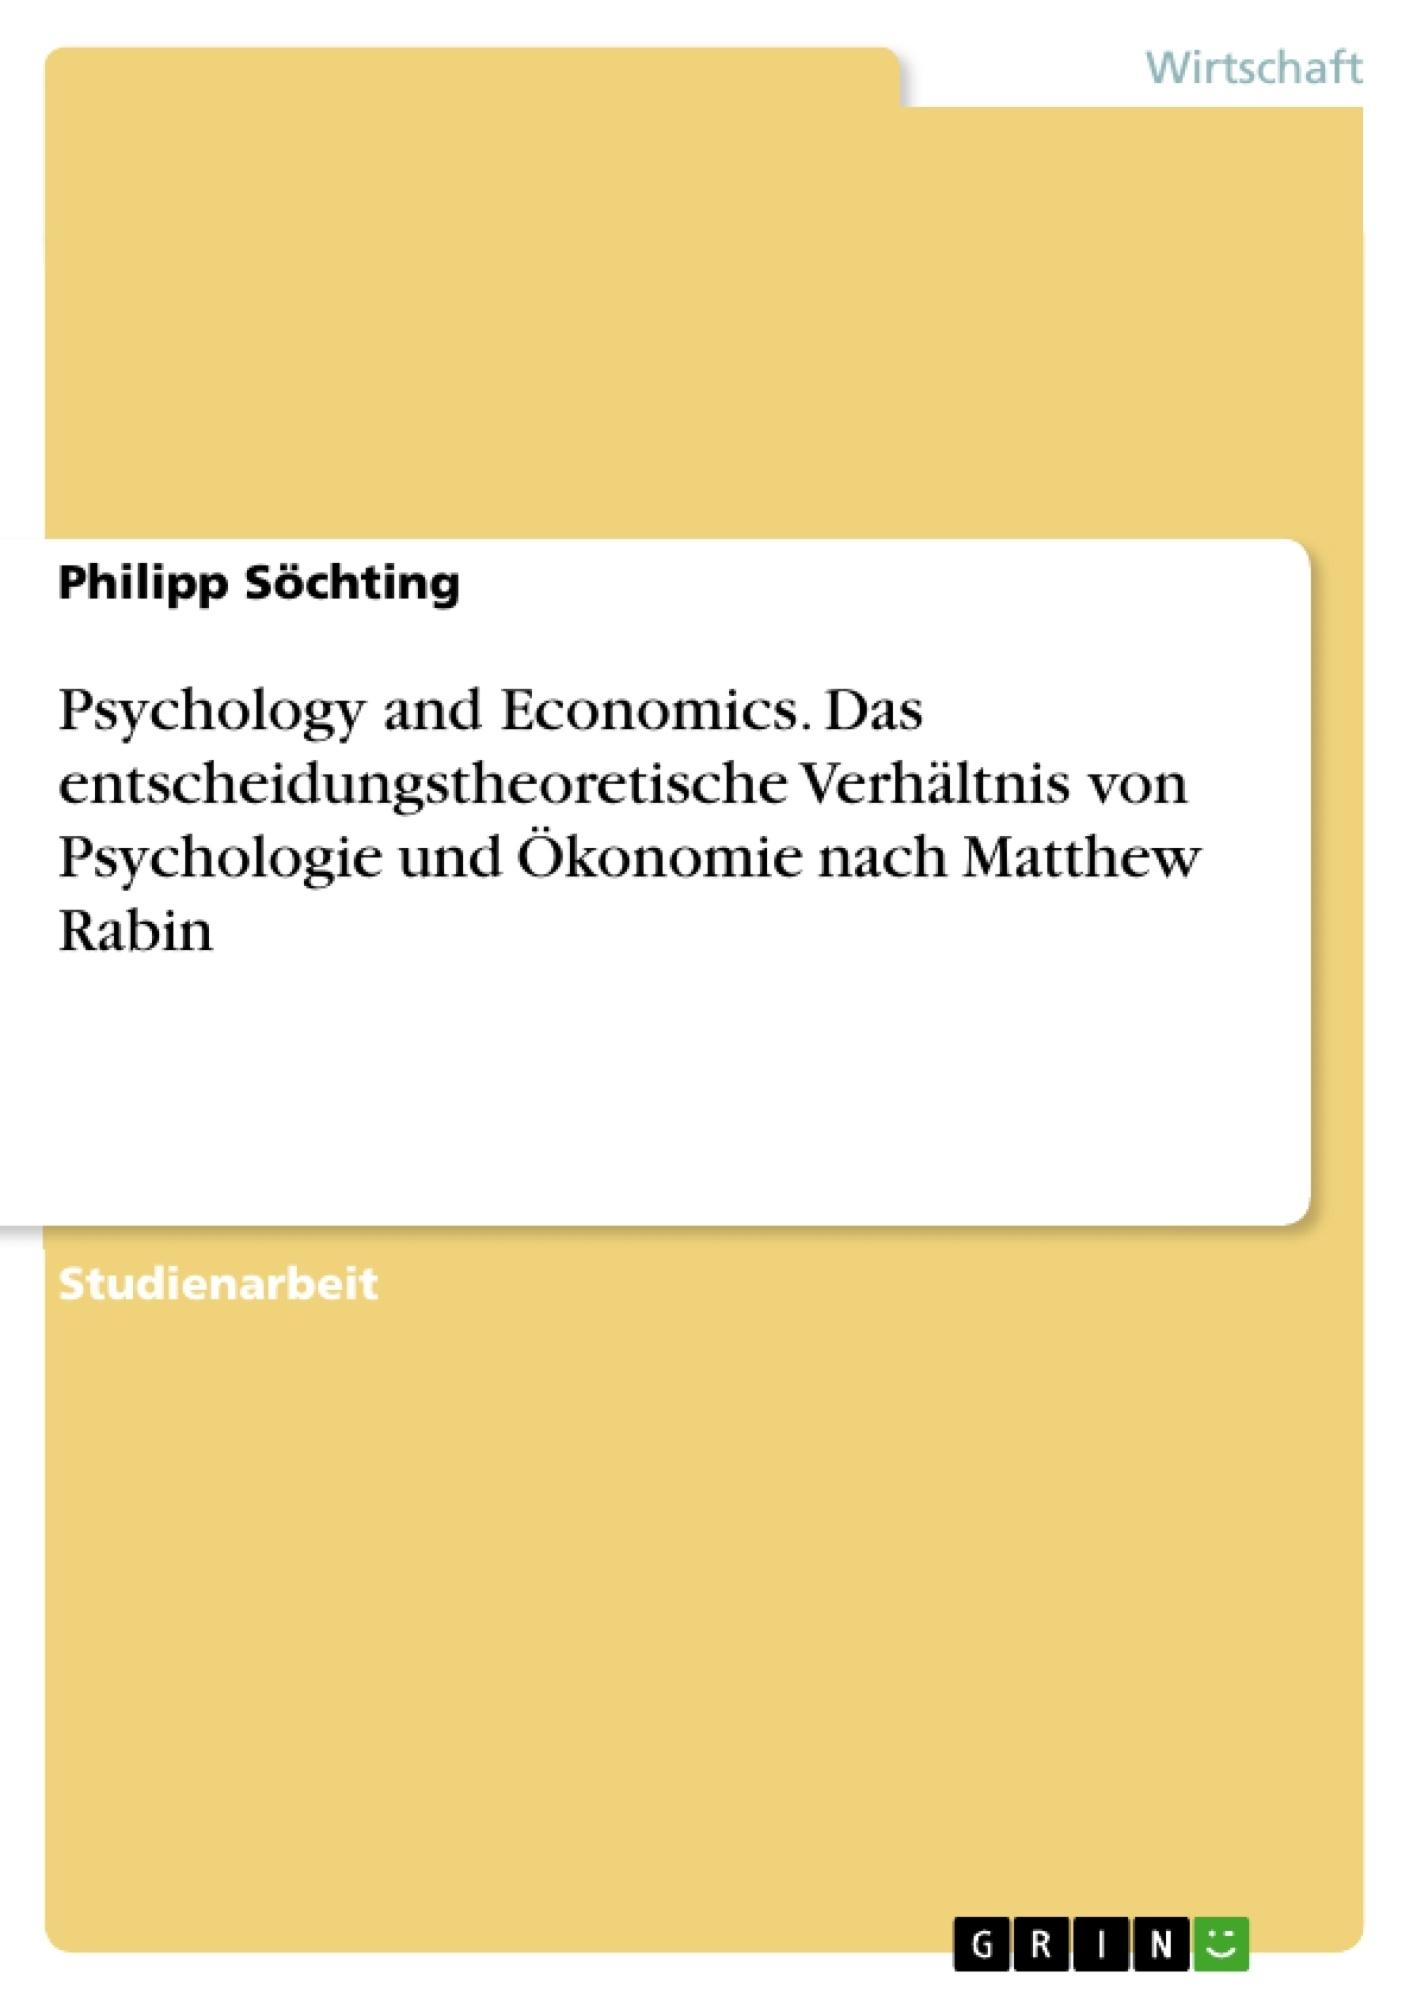 Titel: Psychology and Economics. Das entscheidungstheoretische Verhältnis von Psychologie und Ökonomie nach Matthew Rabin